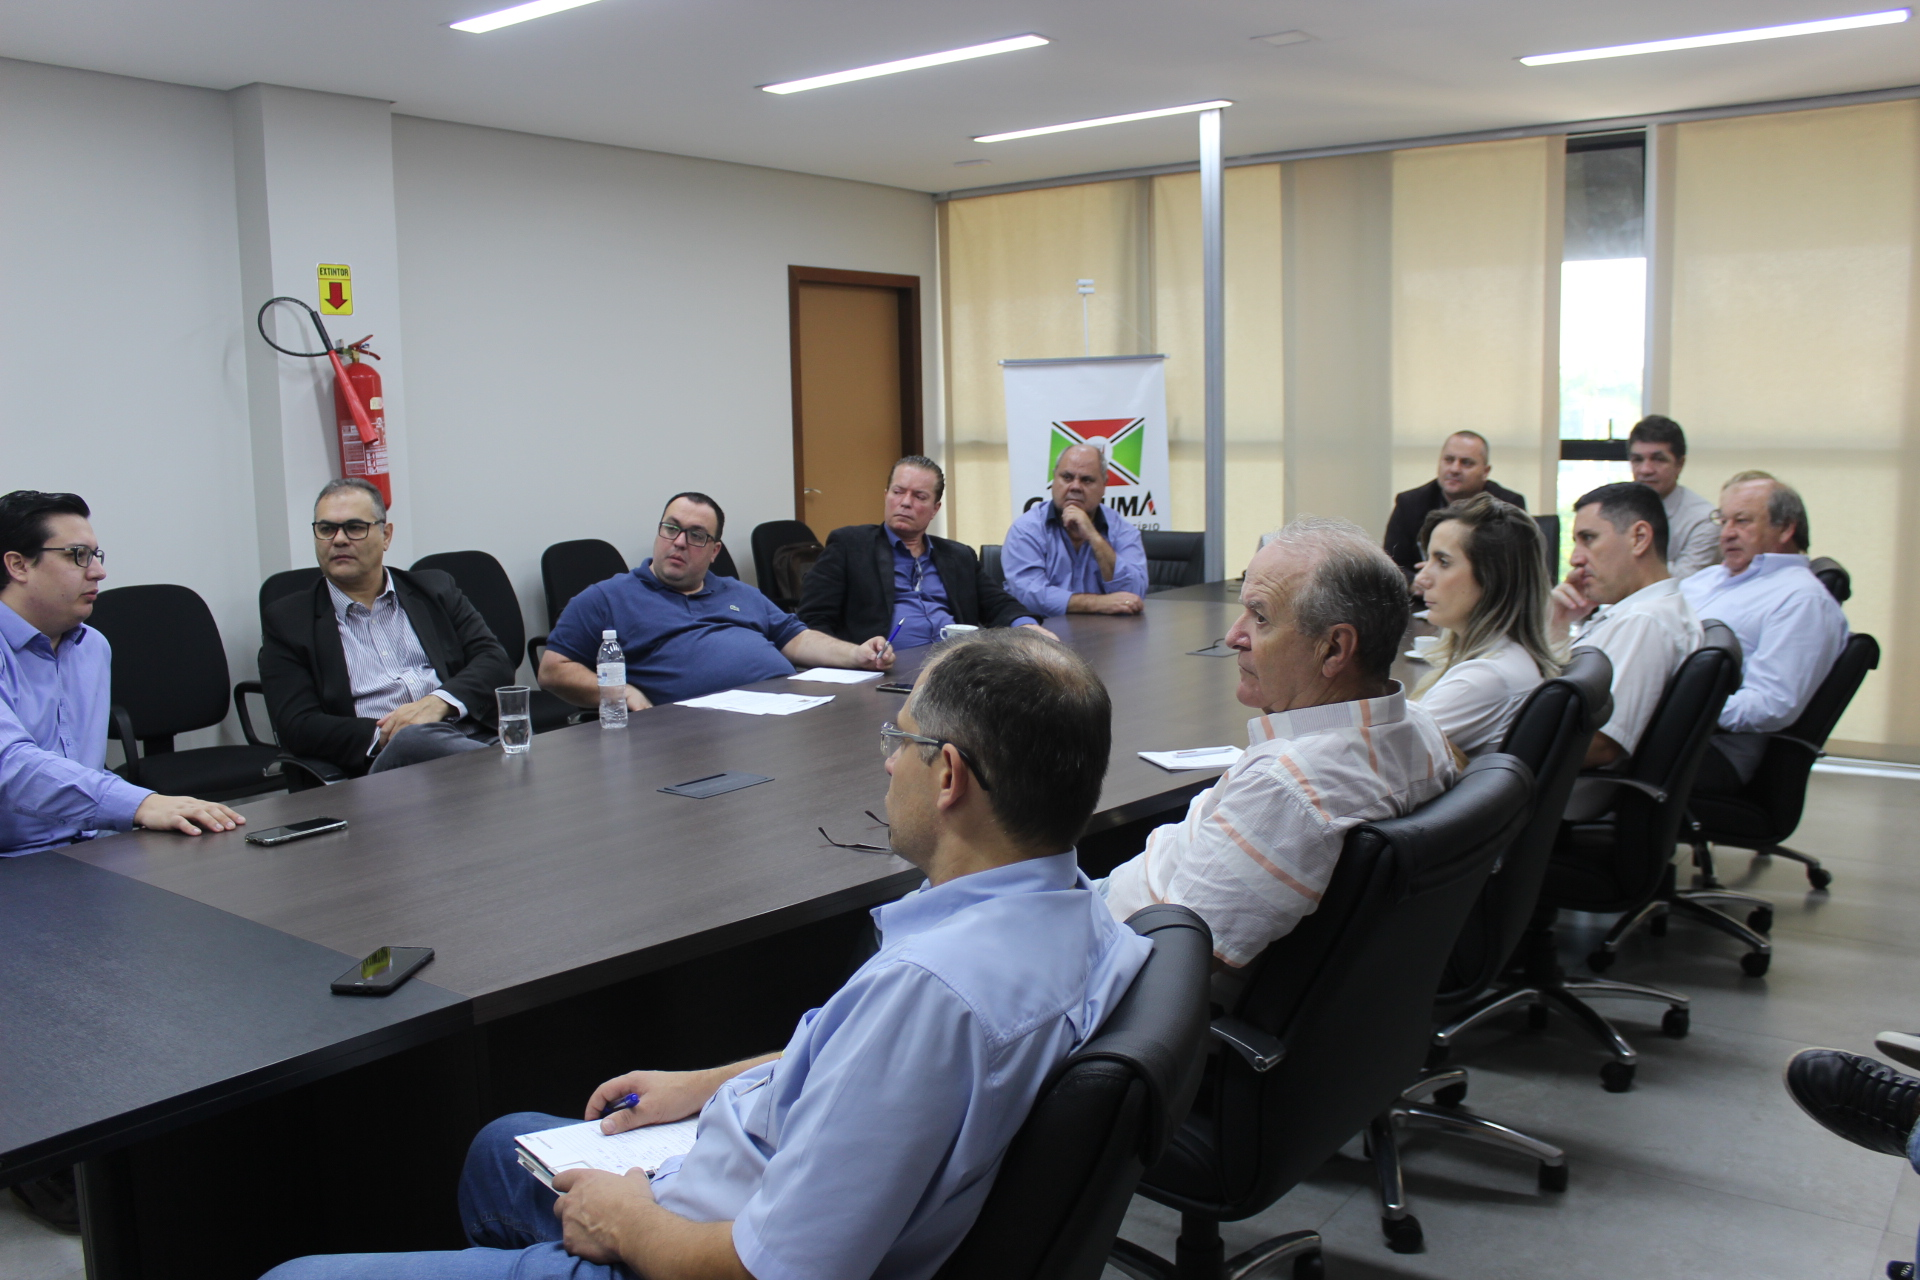 Prefeitura Municipal de Criciúma - DTT: pesquisa aponta melhorias para o transporte público de Criciúma